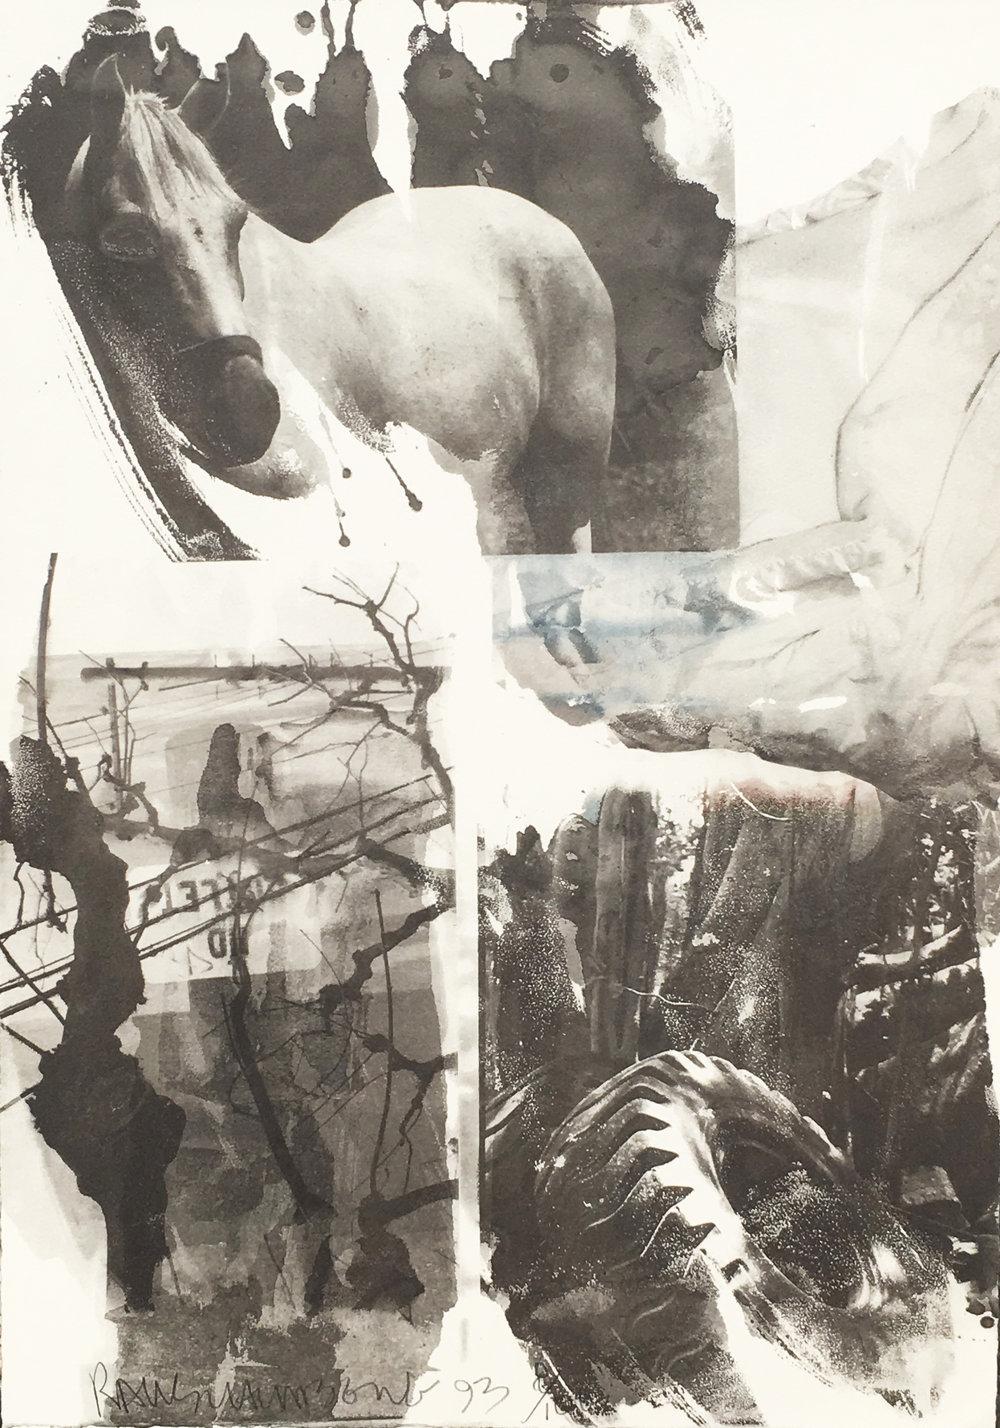 Horse Silk (Deluxe Edition) Aperture Cover - Print, 1993. 93.E006.